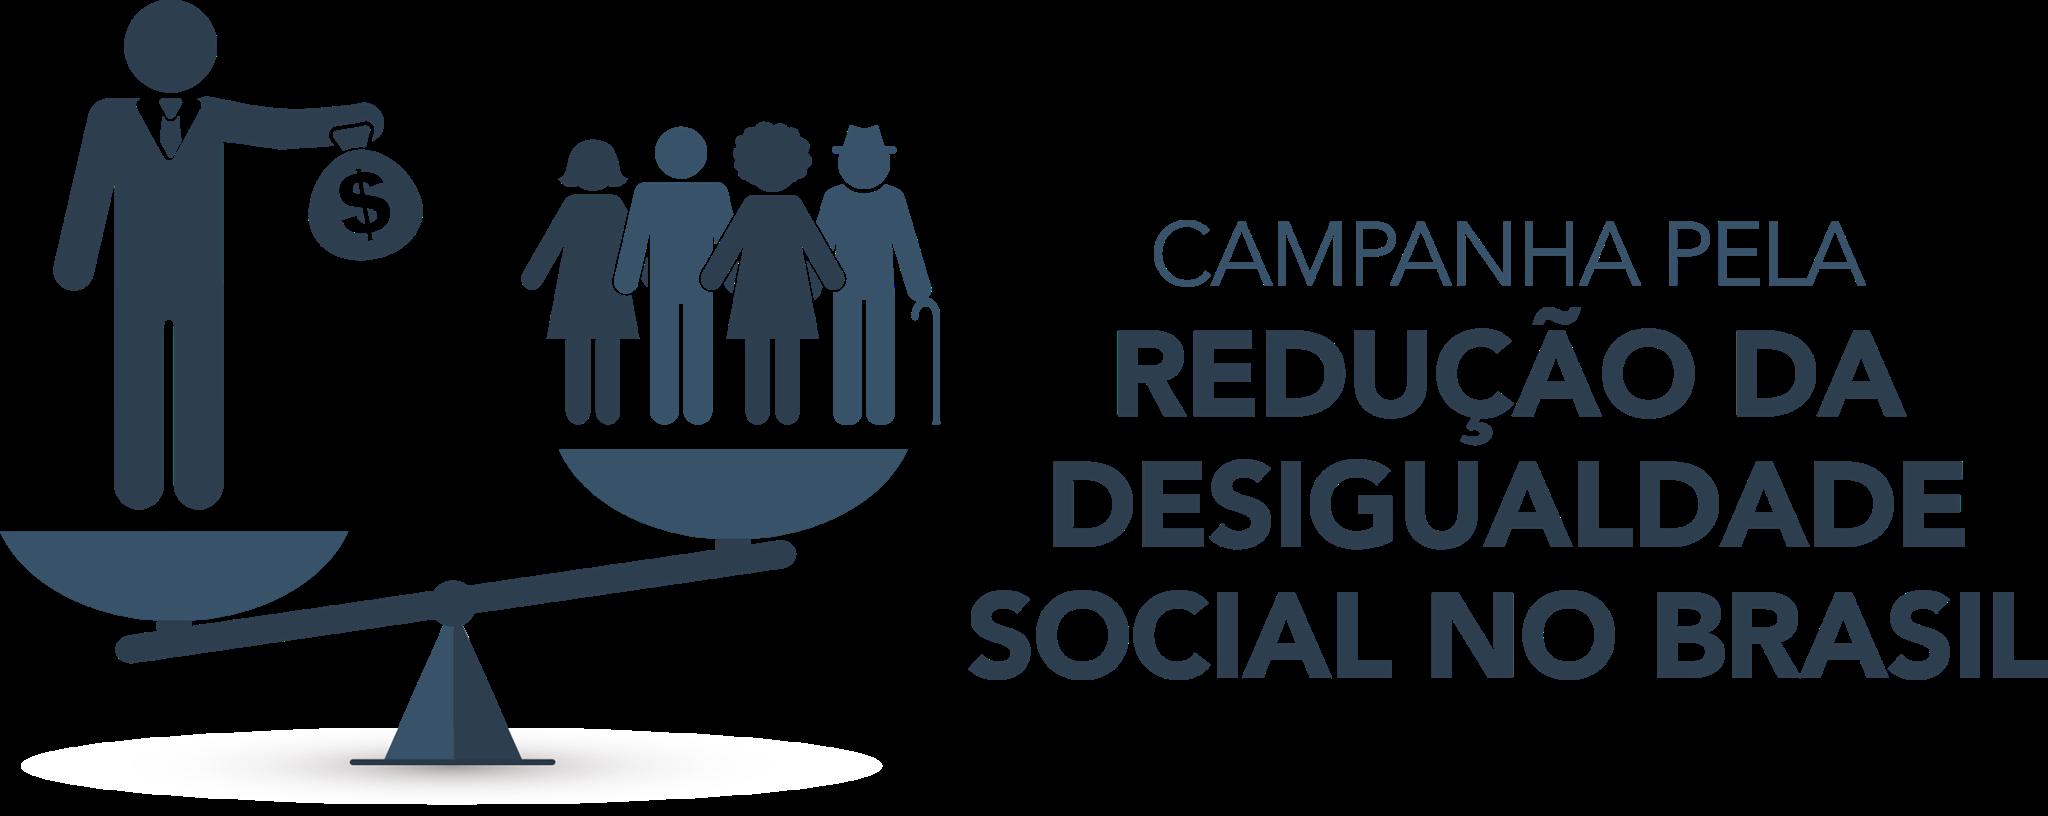 Campanha pela Redução da Desigualdade Social